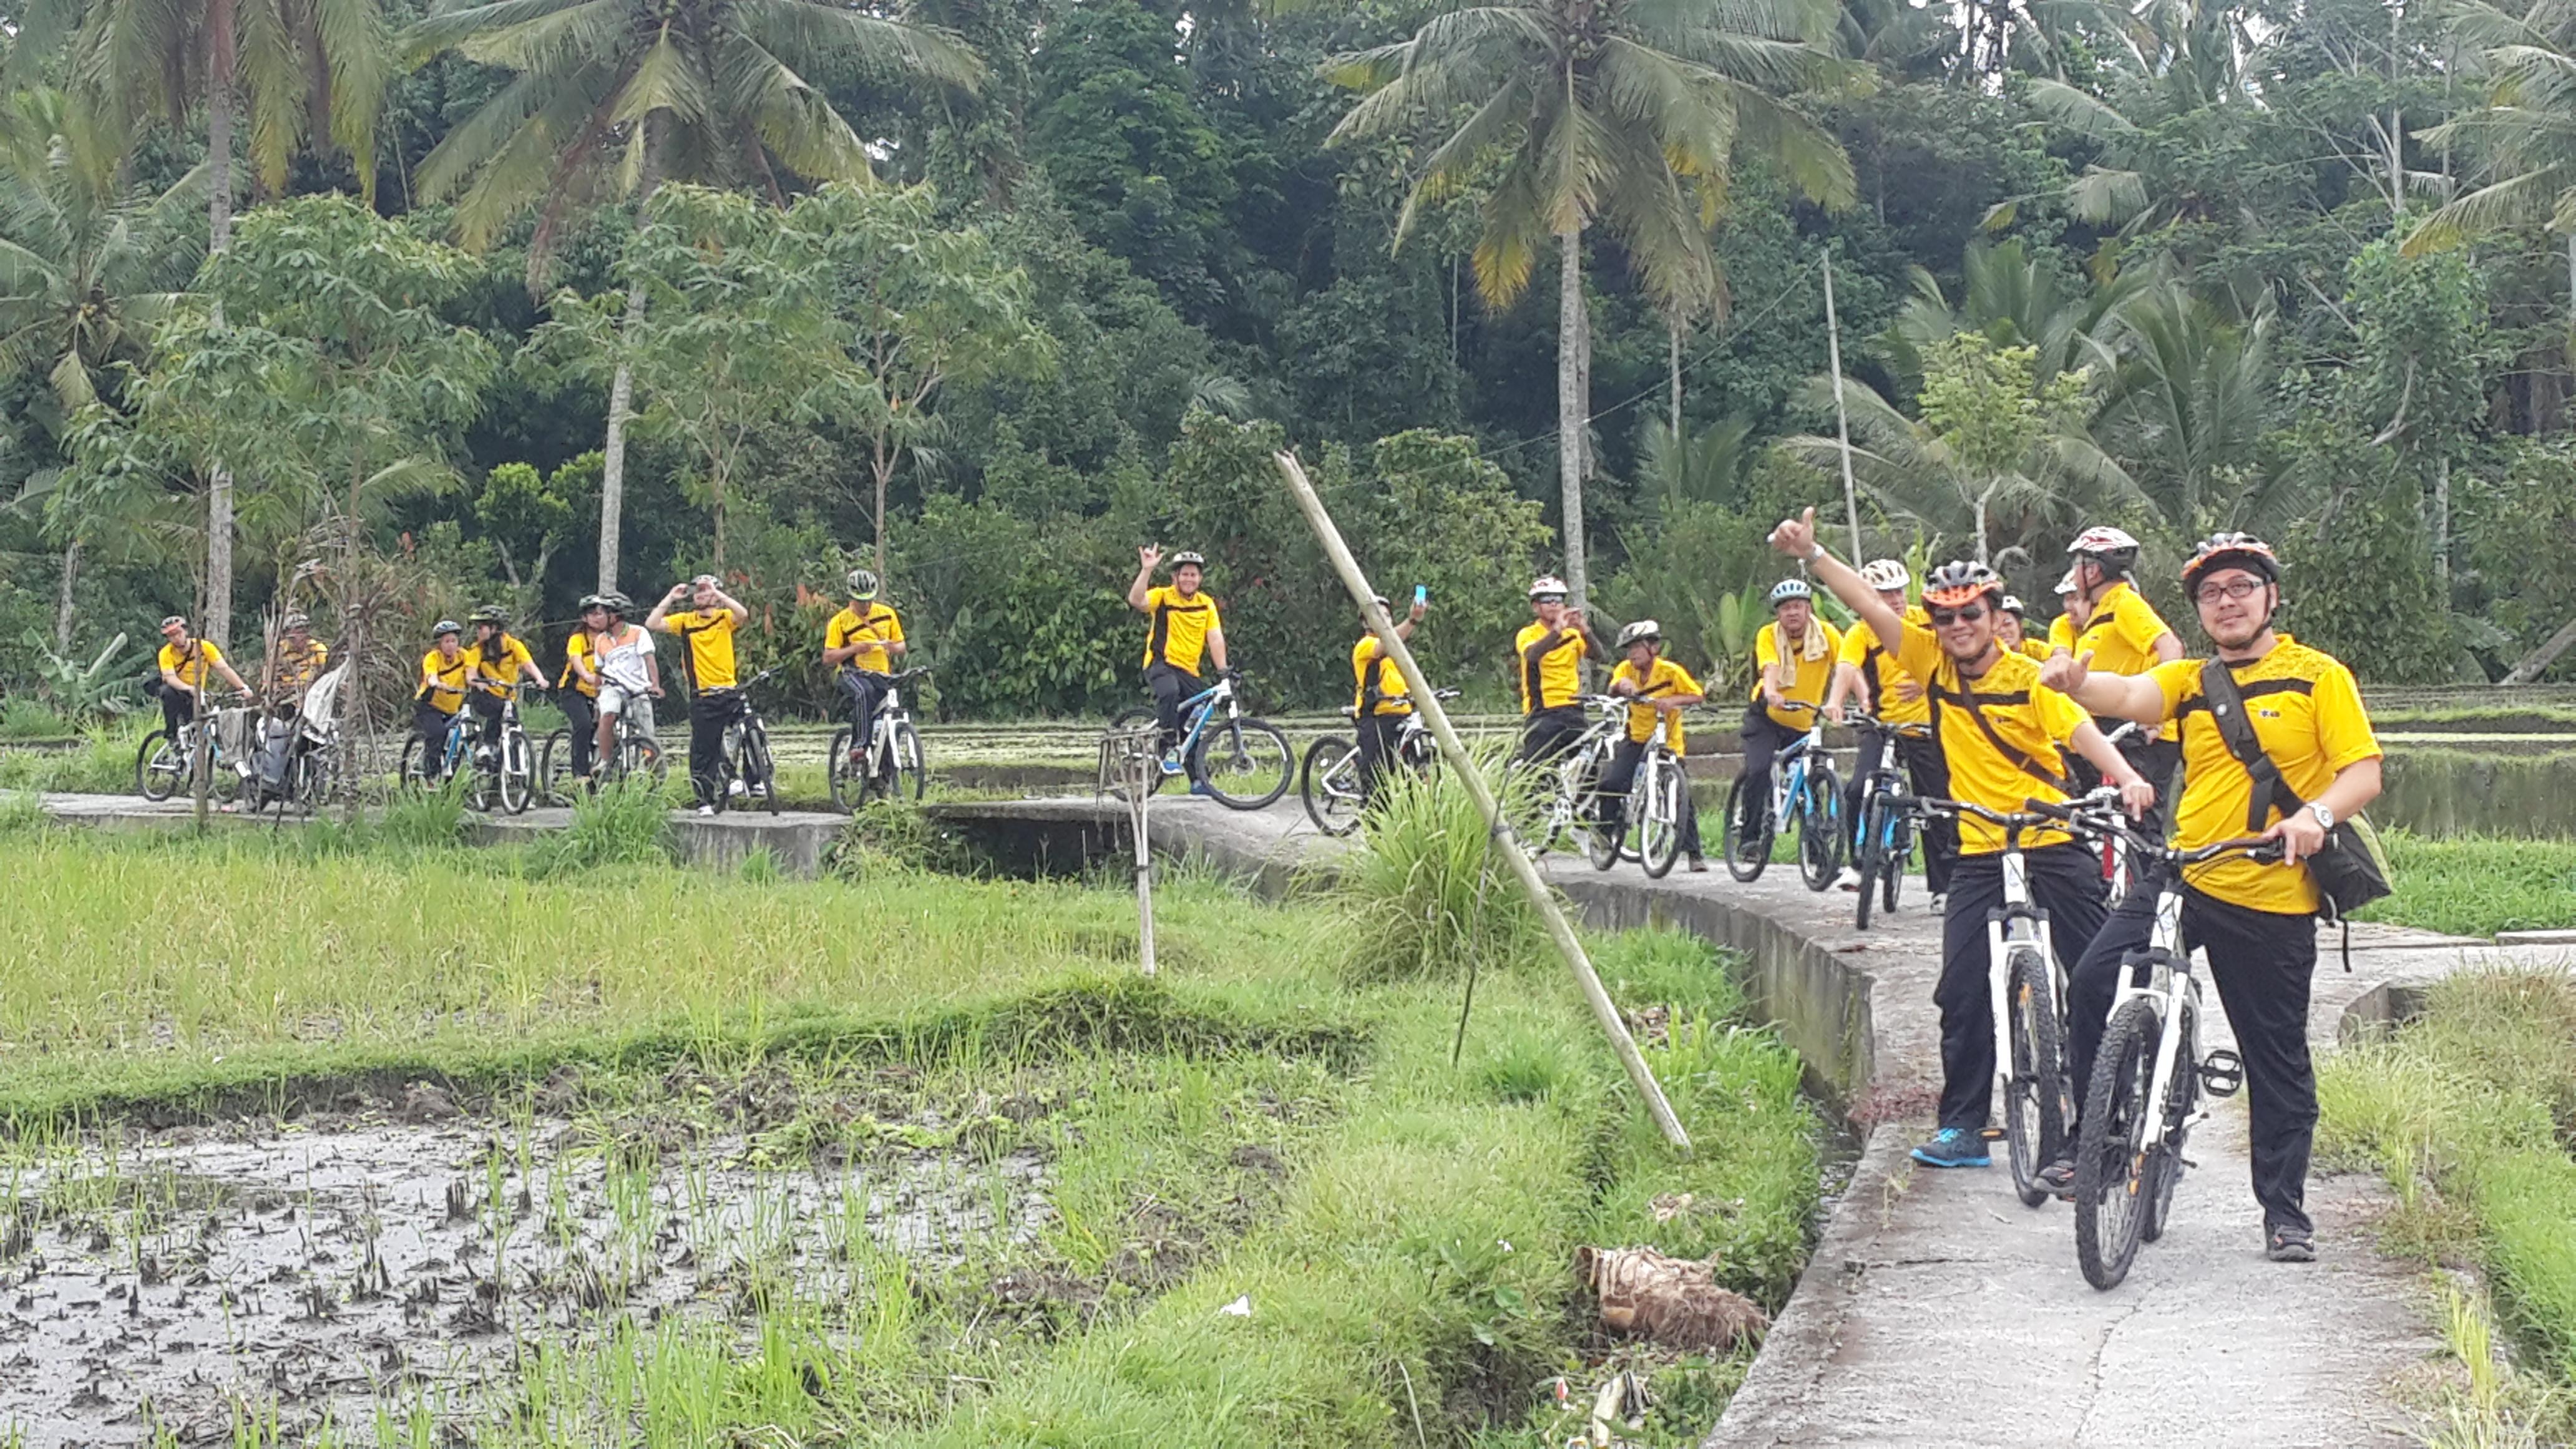 bersepeda di Ubud balitourmurah.com